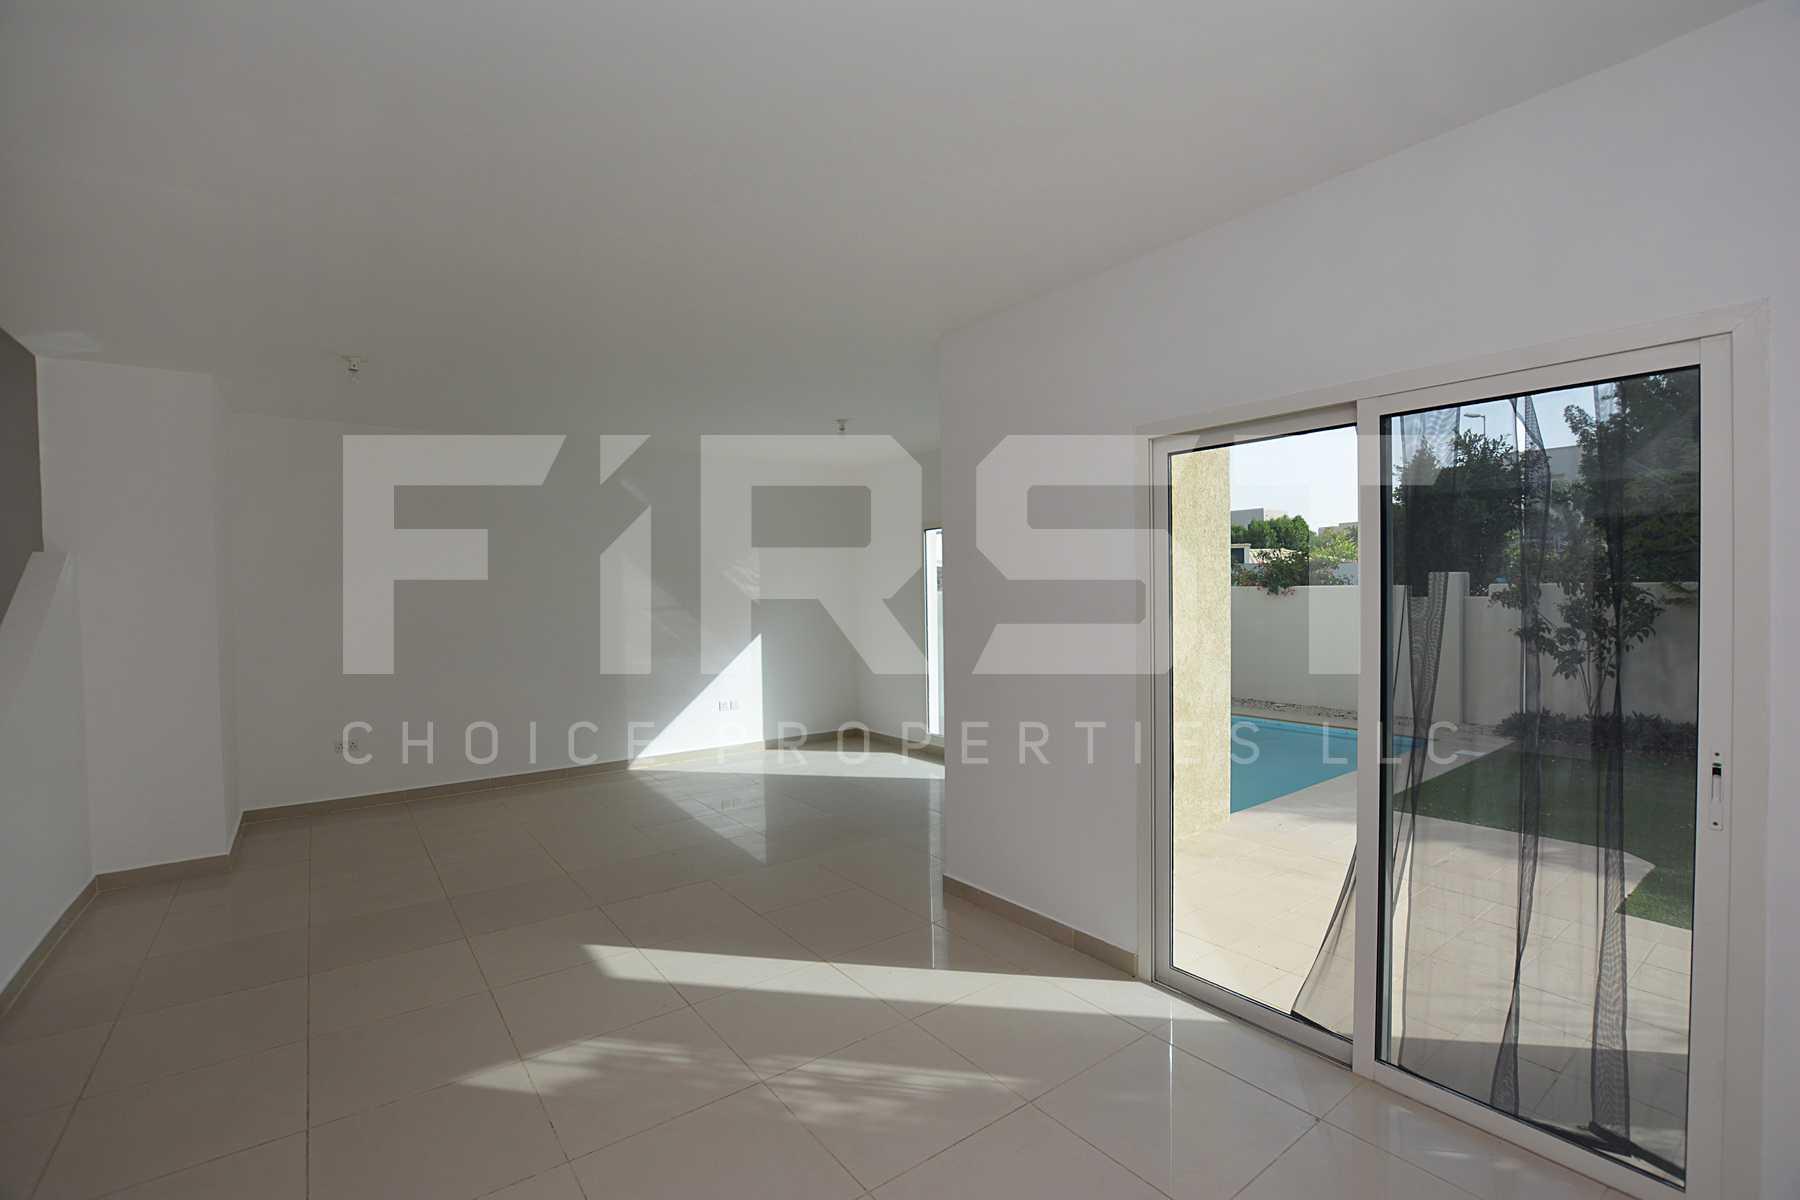 Internal Photo of 5 Bedroom Villa in Al Reef Villas 348.3 sq.m 3749 sq.ft (121).jpg